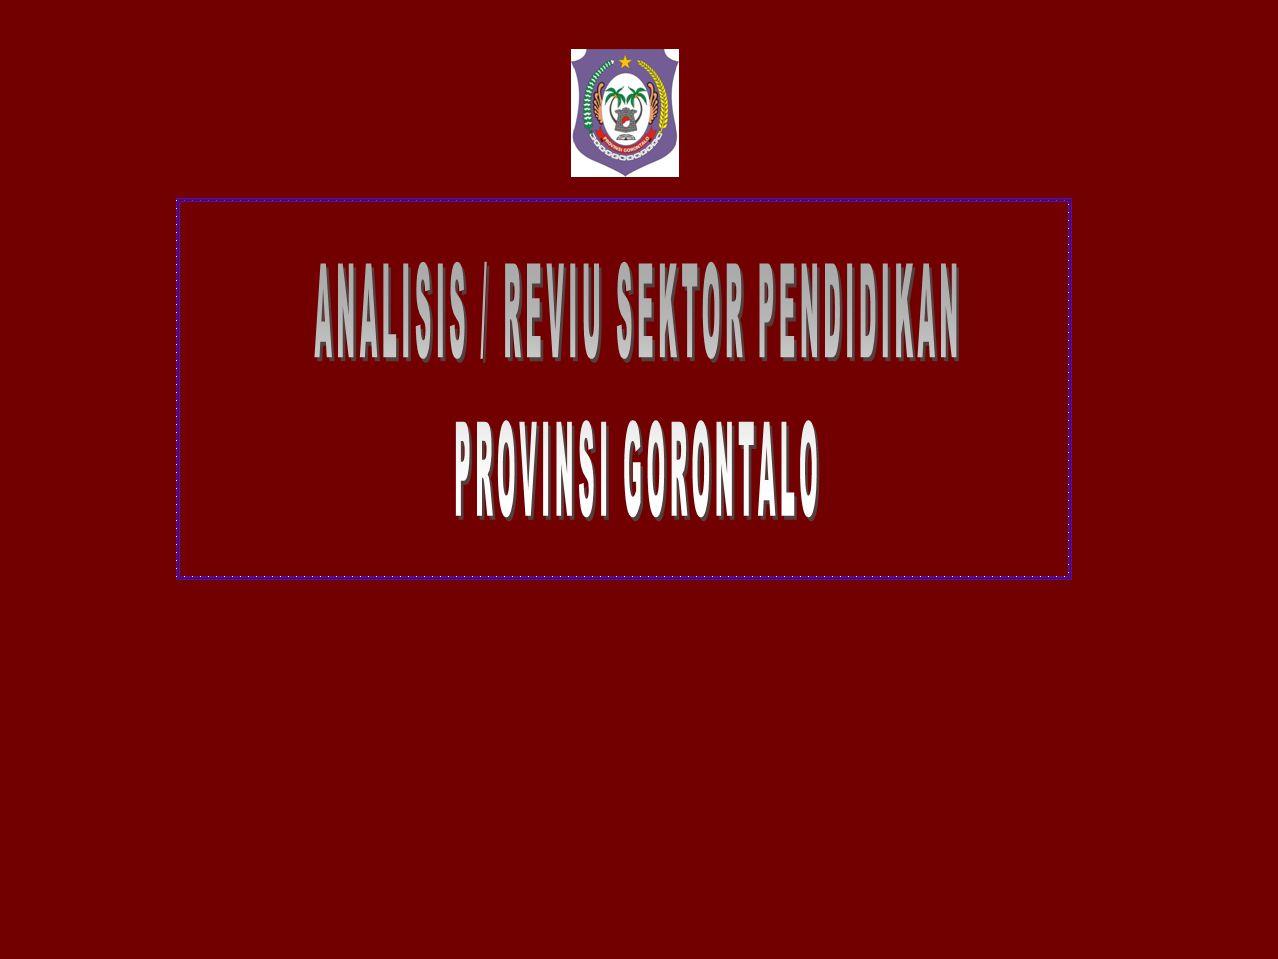 ANALISIS / REVIU SEKTOR PENDIDIKAN